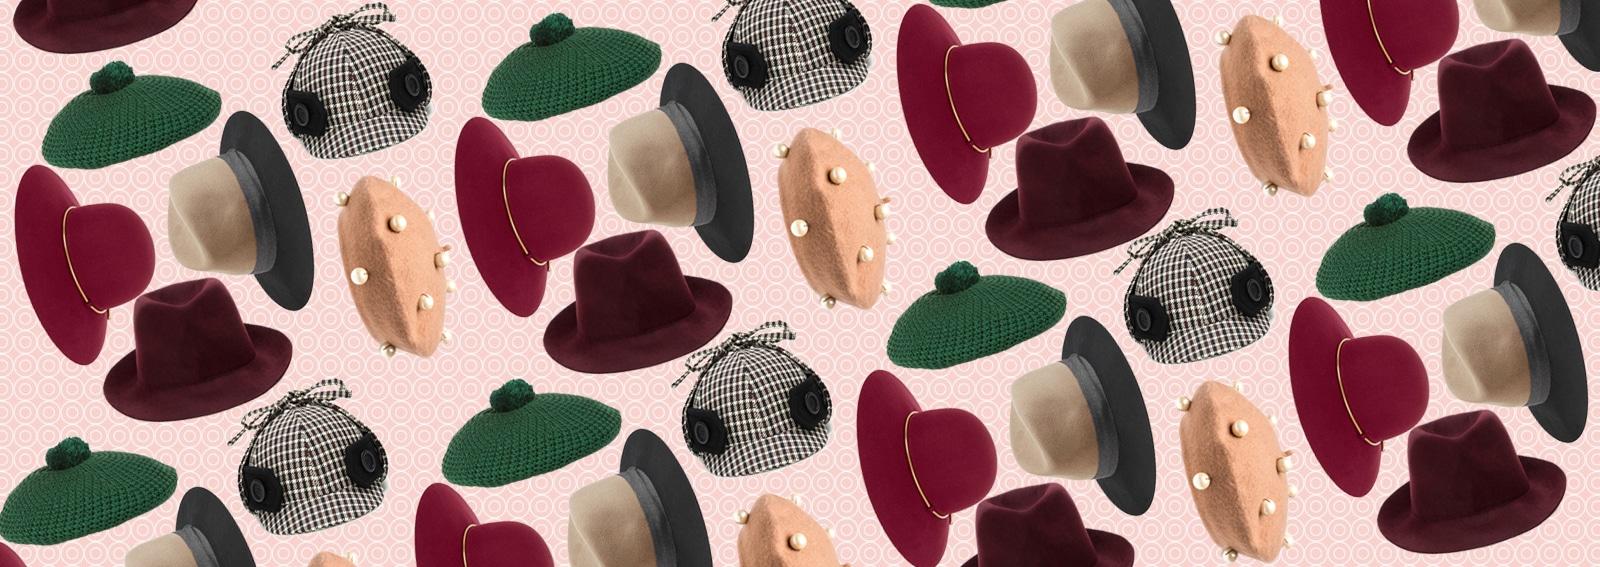 cover cappelli autunno inverno 2015 desktop